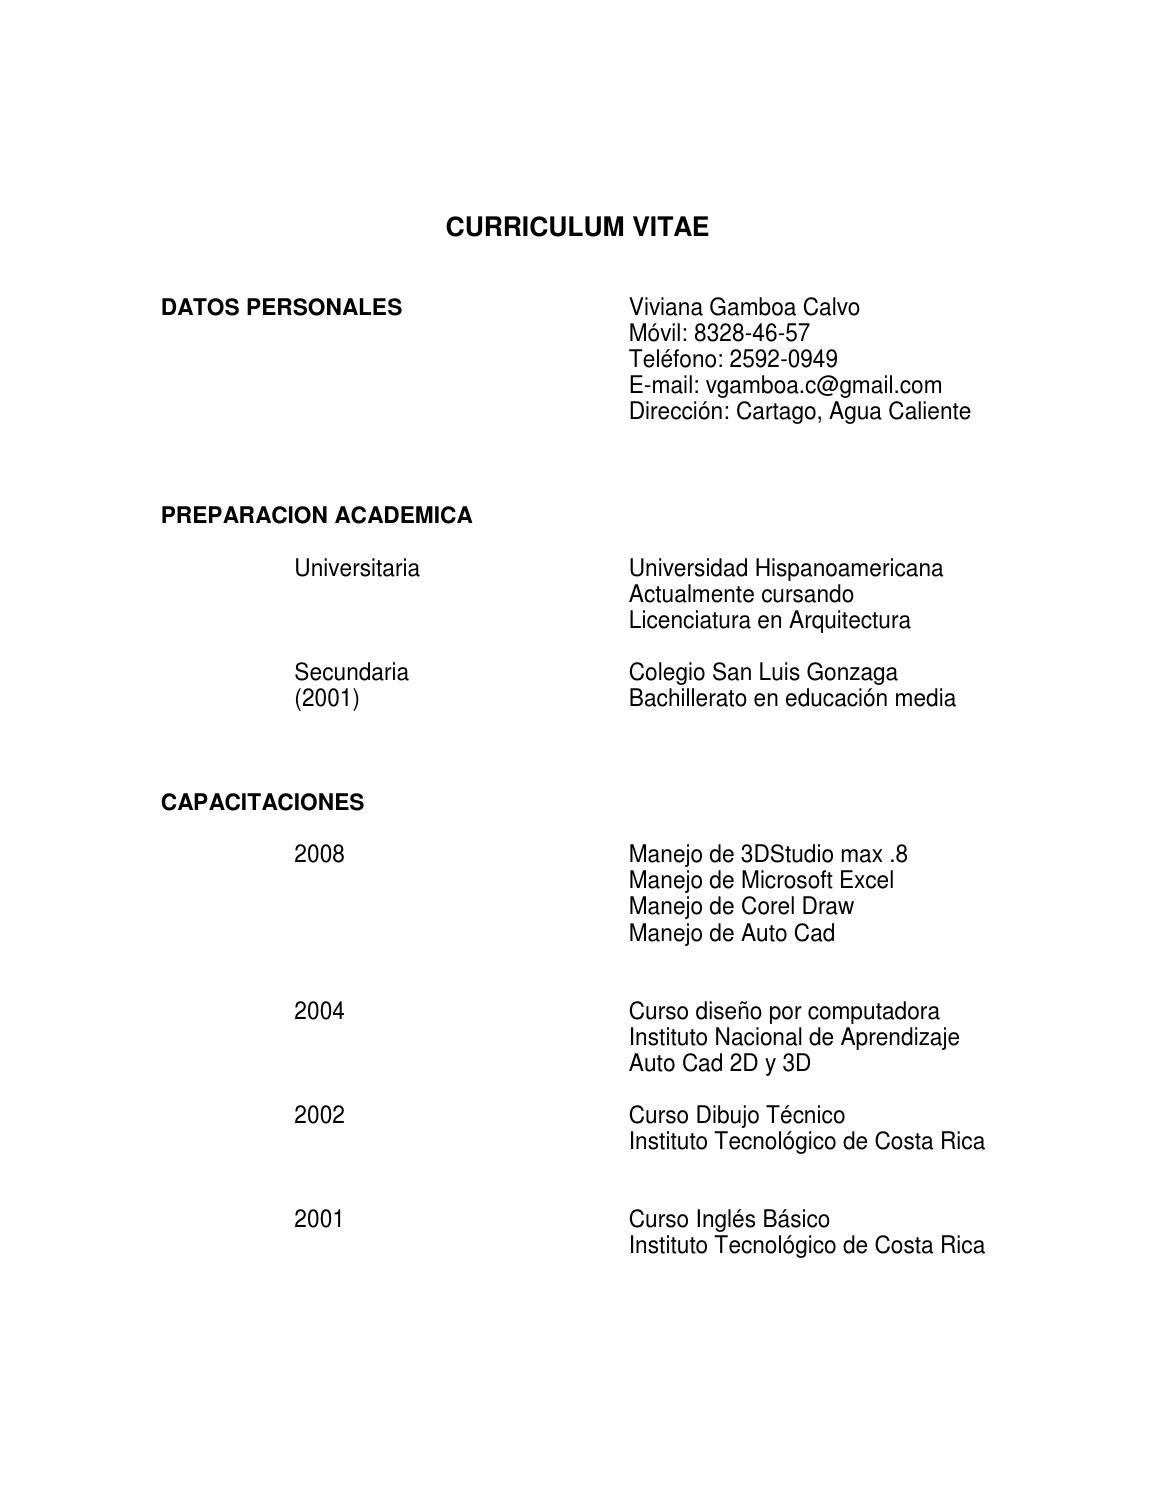 Curriculum Vitae By Viviana Gamboa Calvo Issuu